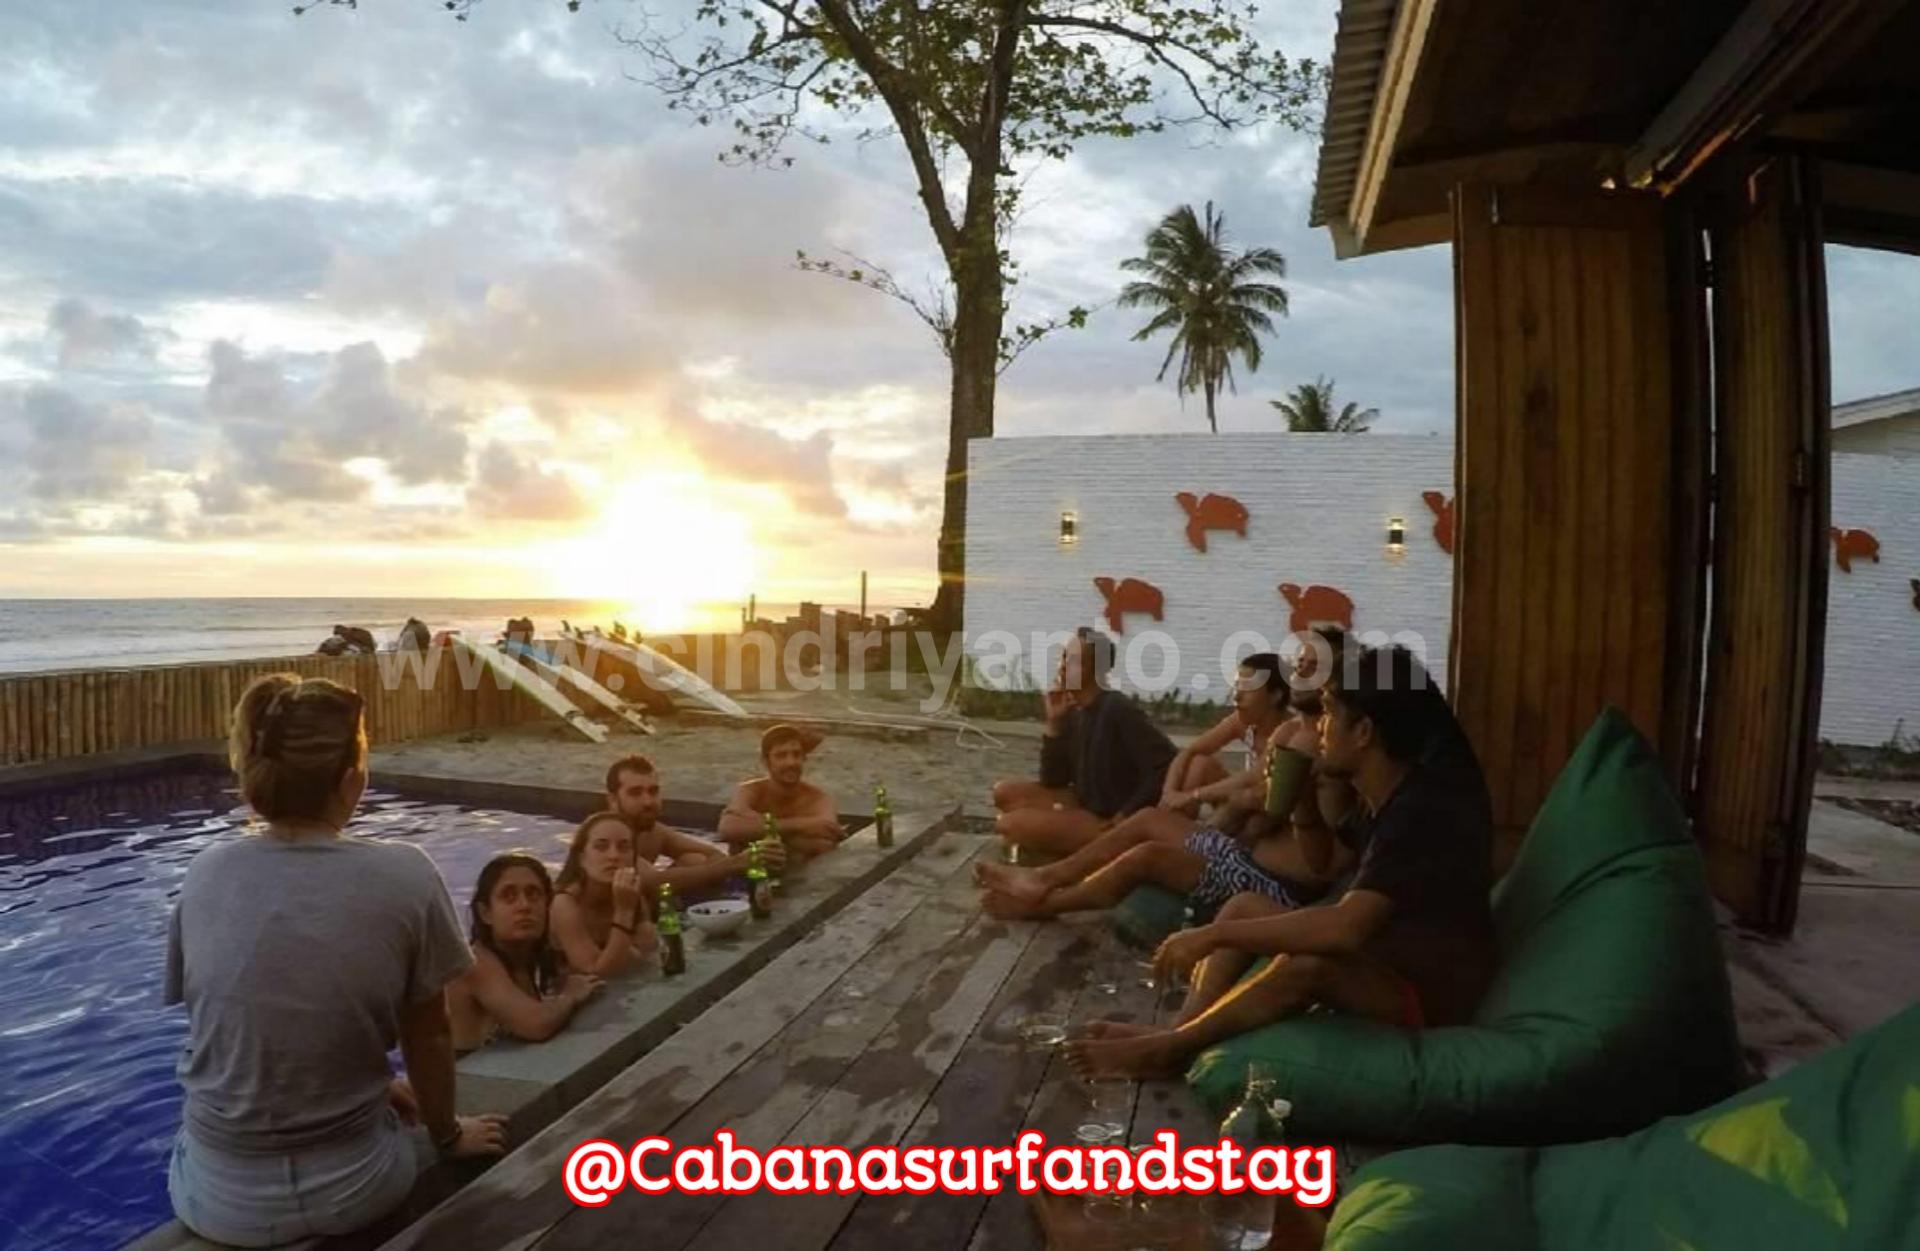 Tempat penginapan di pesisir barat krui Cabana Surf And Stay